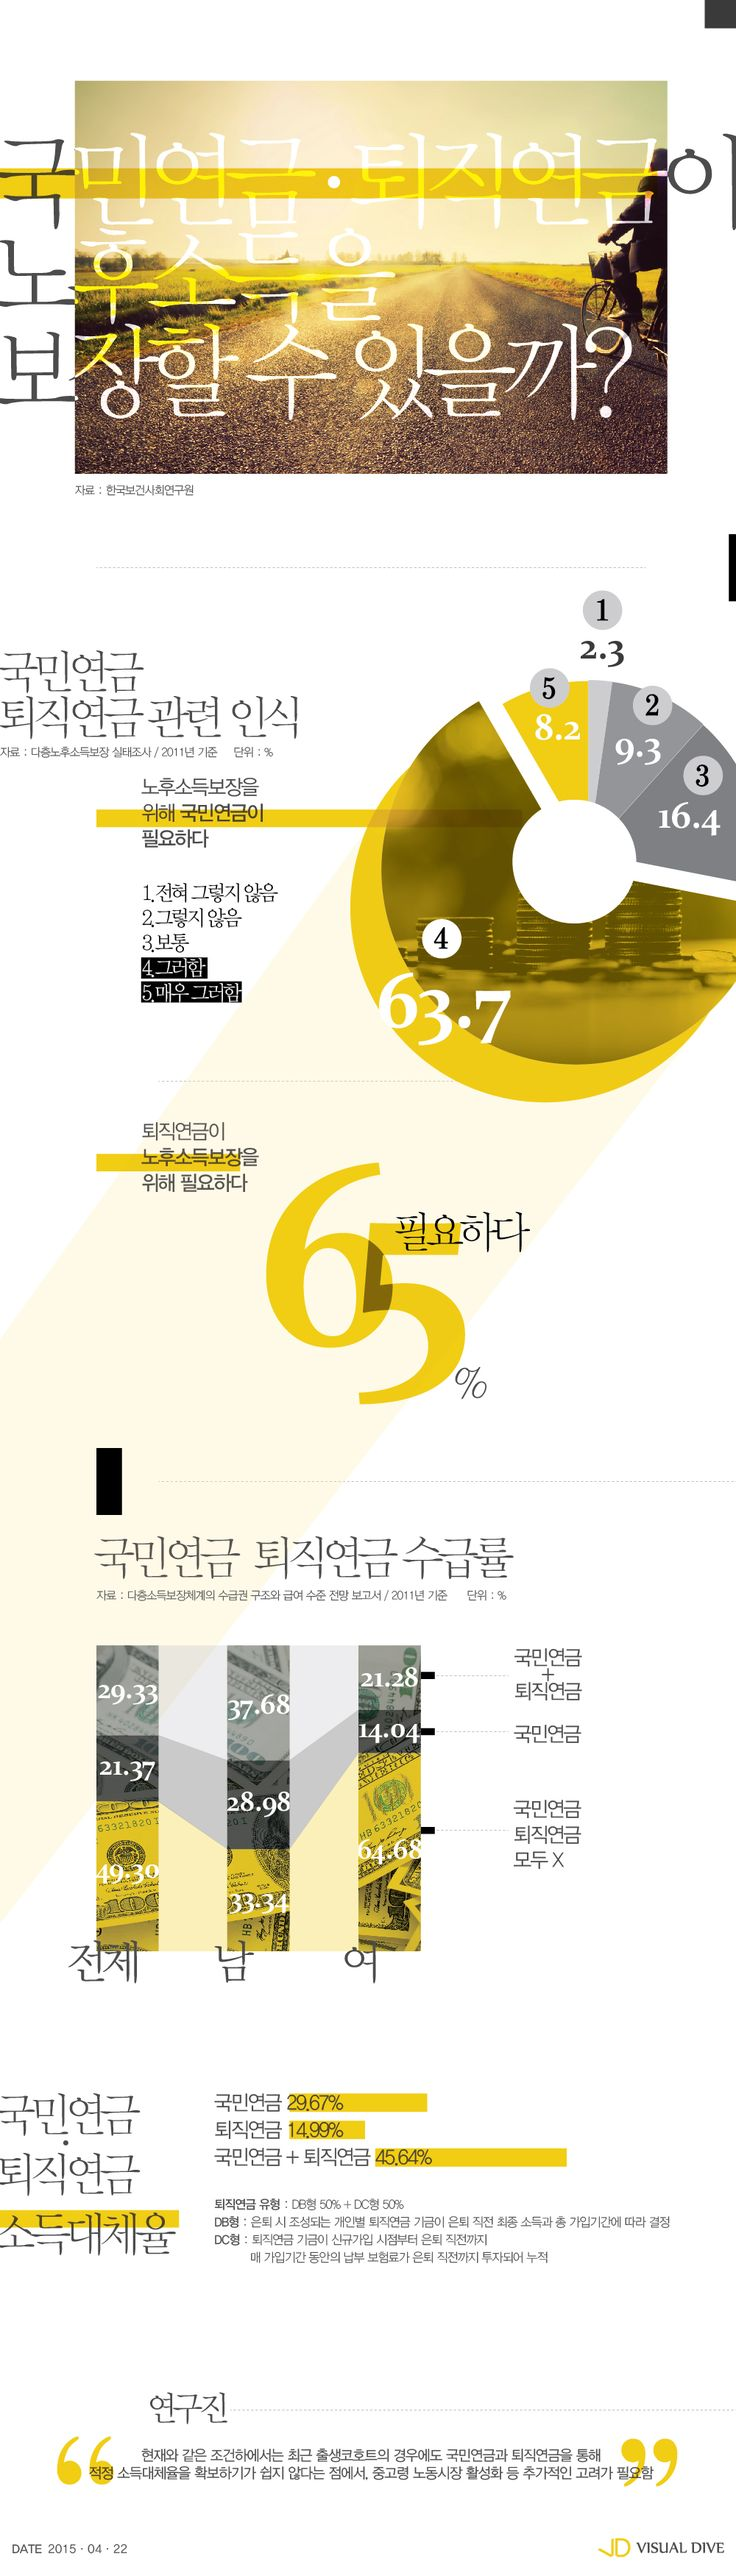 1952~1984년생 절반, 국민‧퇴직연금 못 받아… 노후보장 '사각지대' [인포그래픽] #pension / #Infographic ⓒ 비주얼다이브 무단 복사·전재·재배포 금지